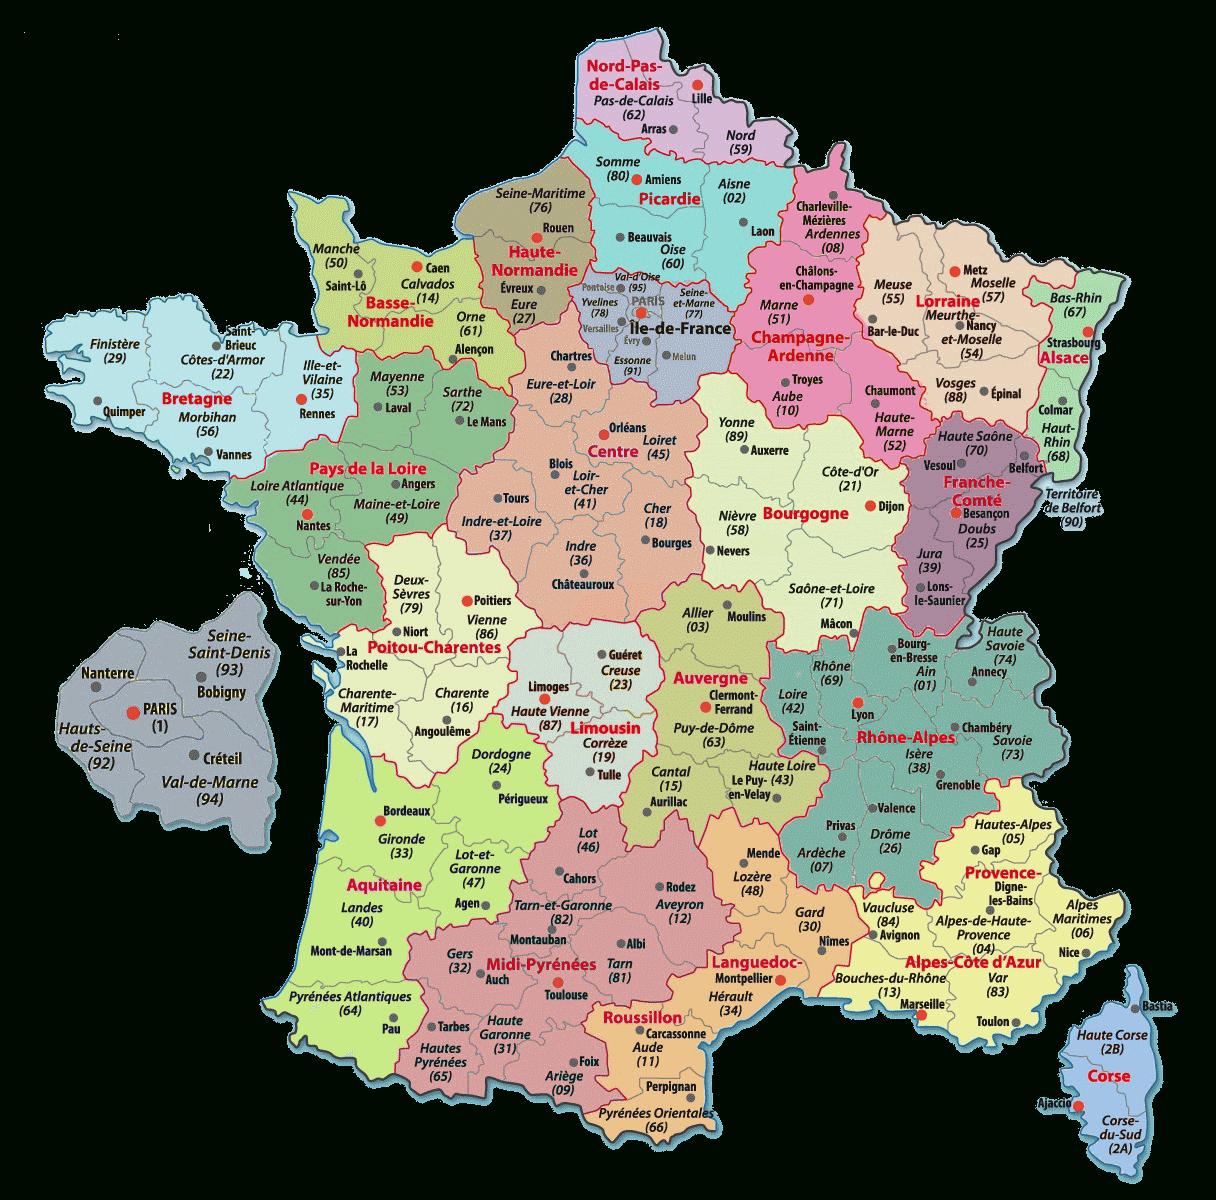 Carte De France Departements : Carte Des Départements De France dedans Carte De France Avec Les Régions